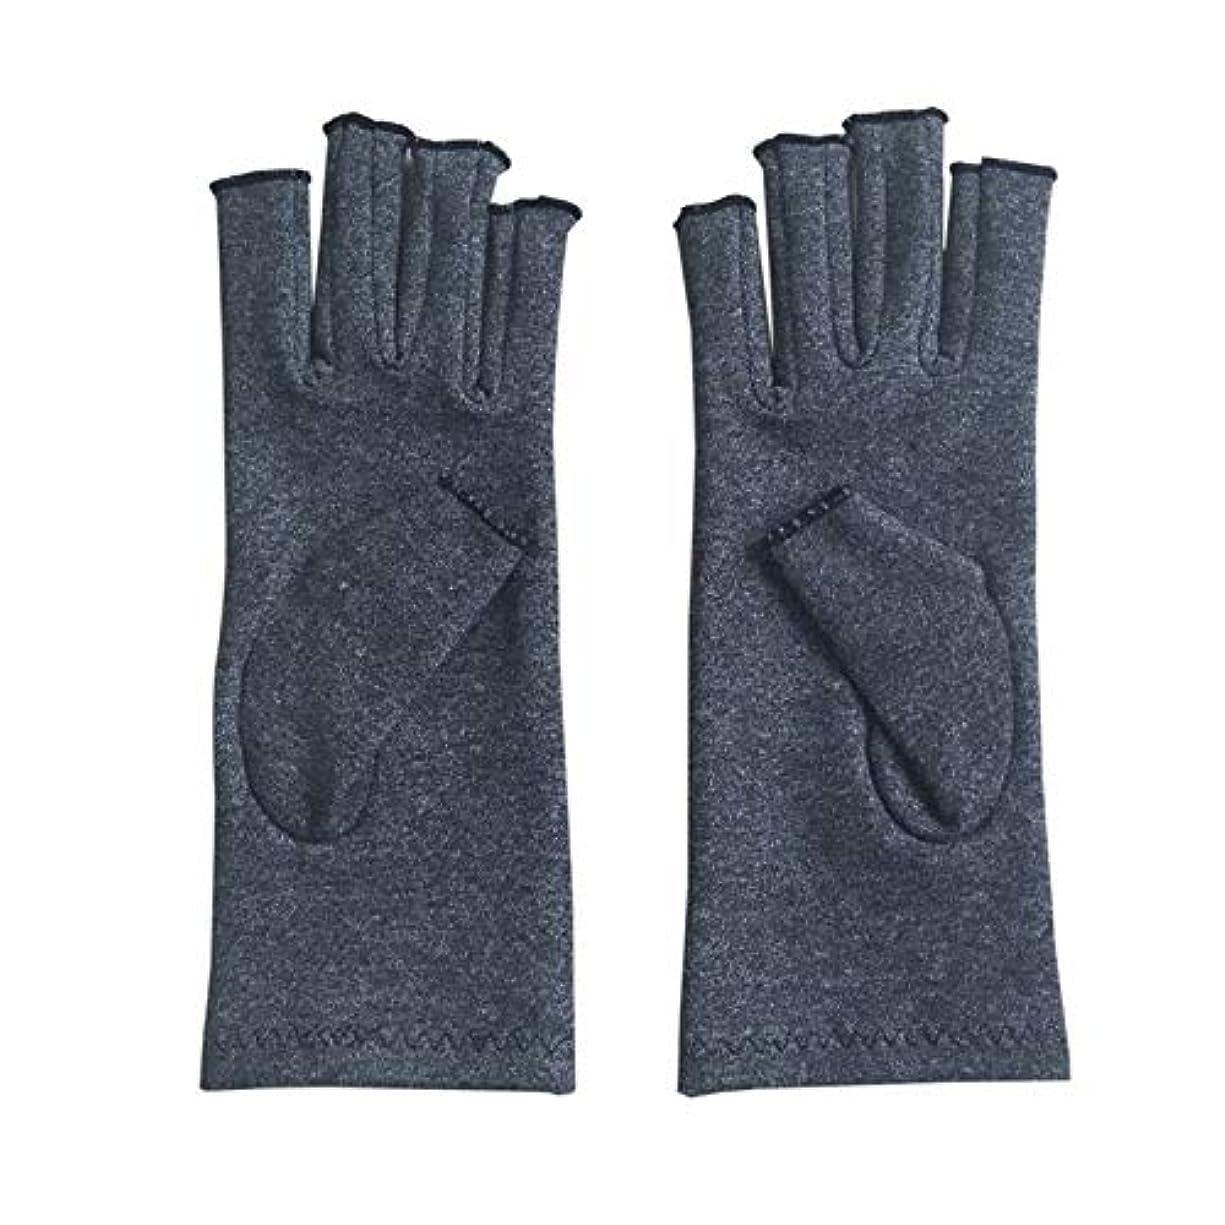 ストレンジャー悪行飲料ペア/セットの快適な男性の女性療法の圧縮手袋無地の通気性関節炎の関節の痛みを軽減する手袋 - グレーS